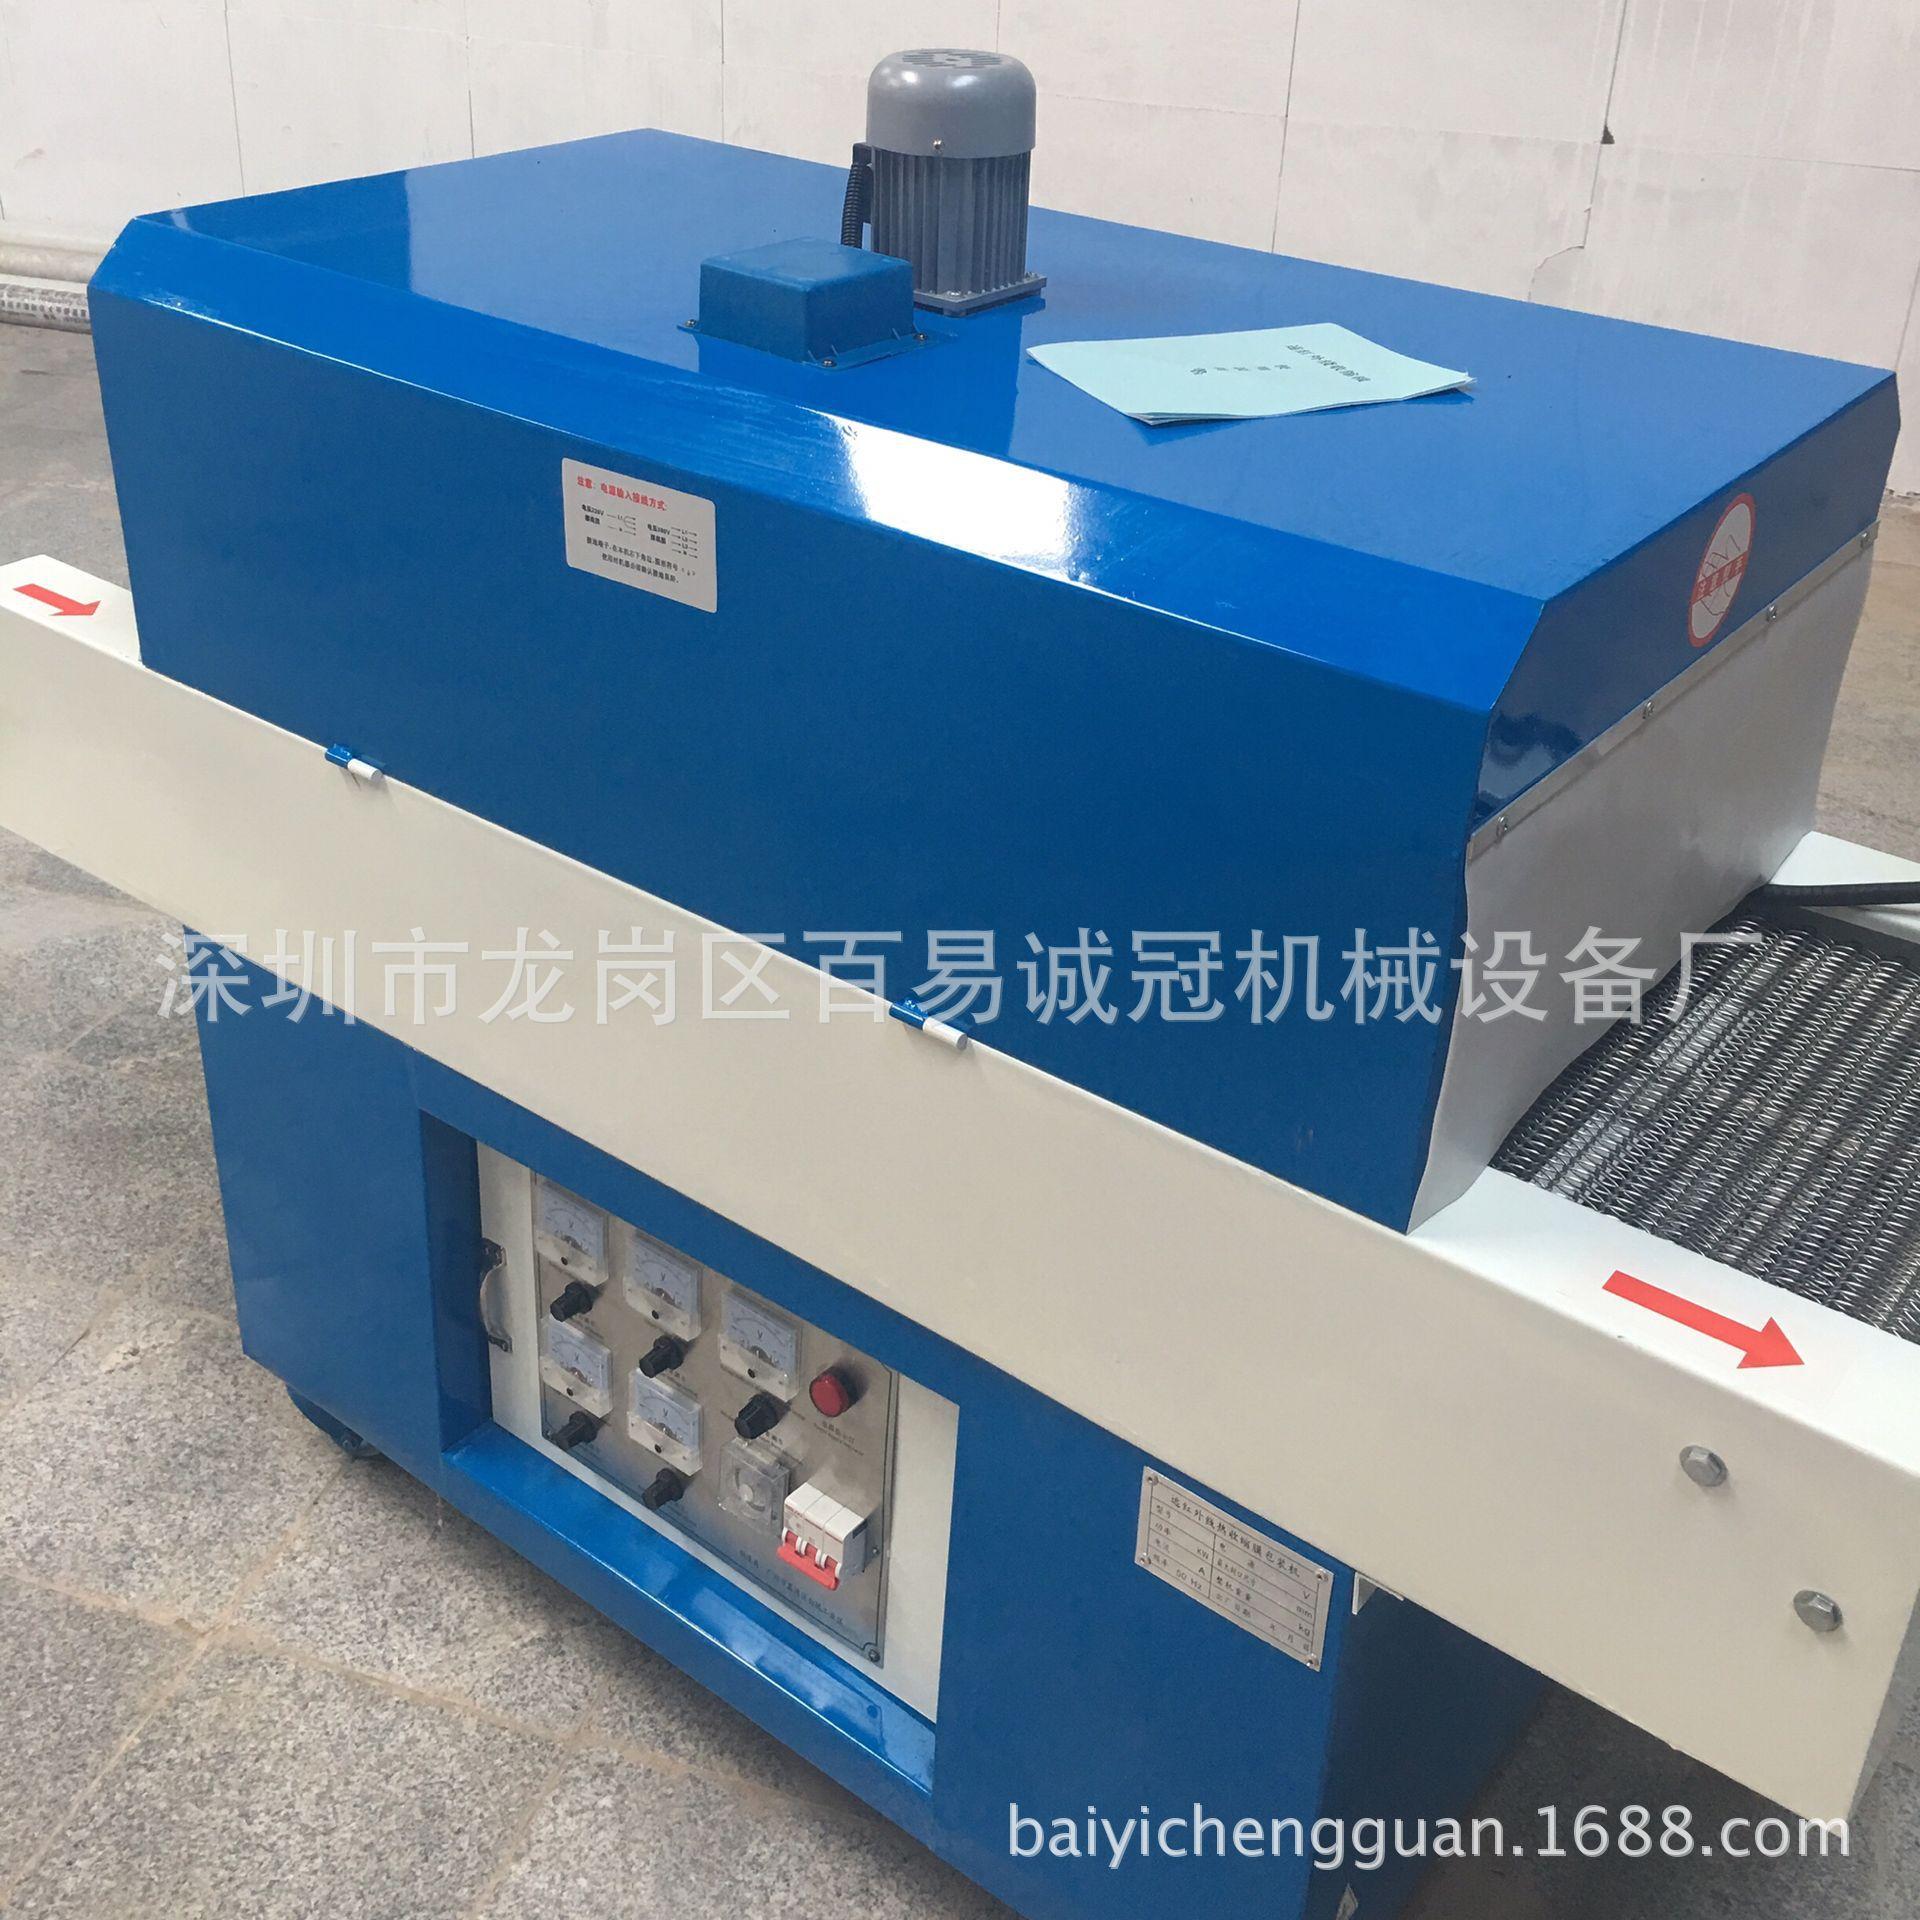 收缩膜包装机_供应工业小烤箱流水式烤箱工业化妆品盒收缩膜